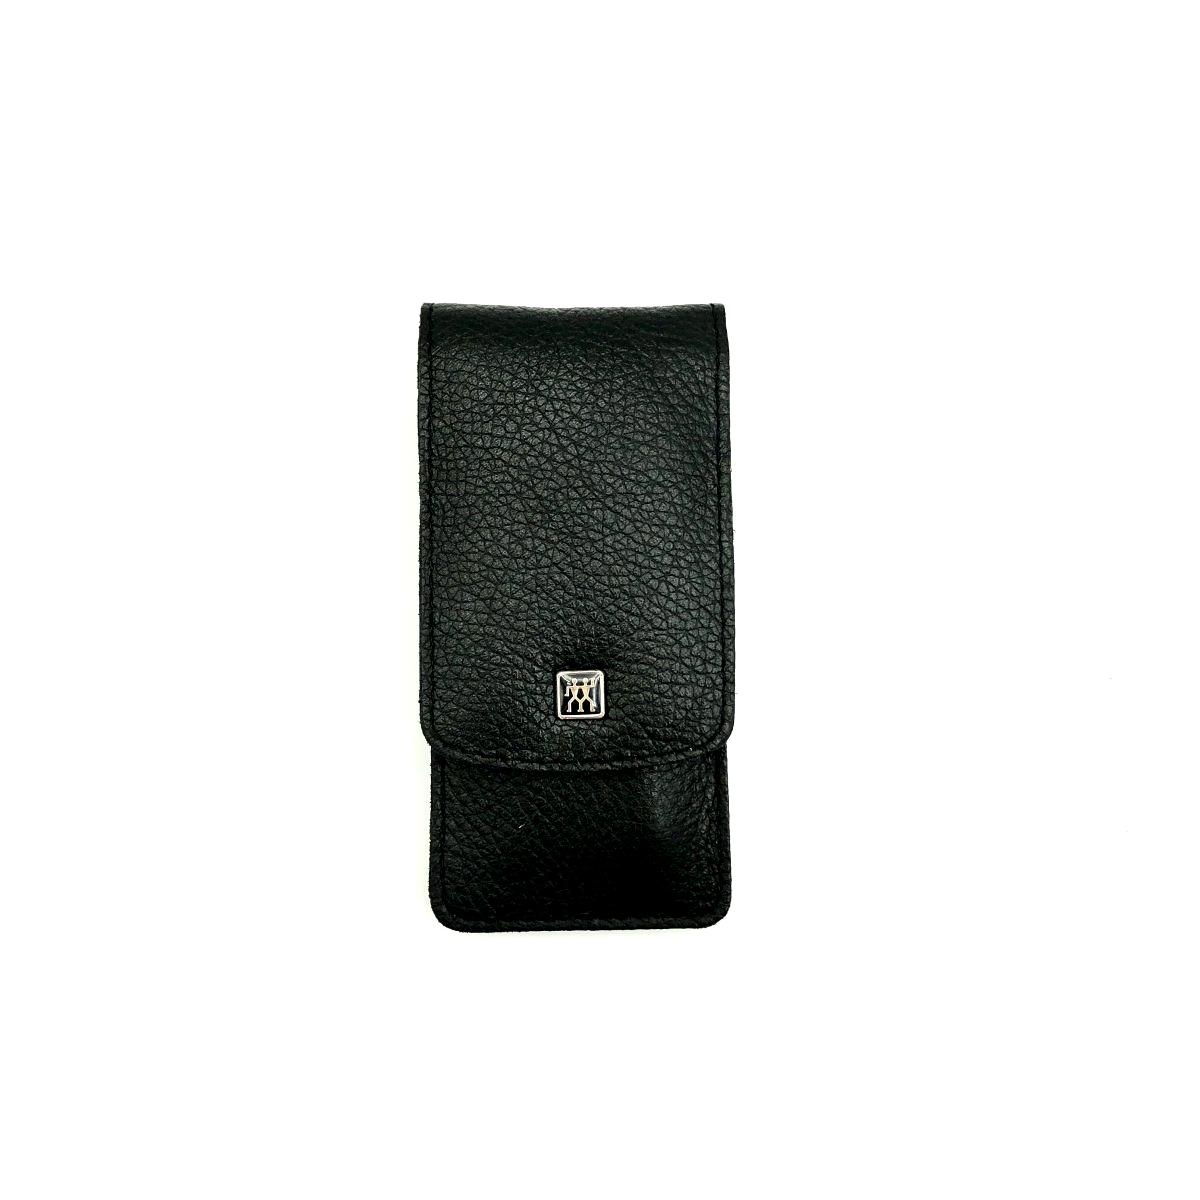 Taschen-Etui Z schwarz, 3teilig, Edelstahl rostfrei